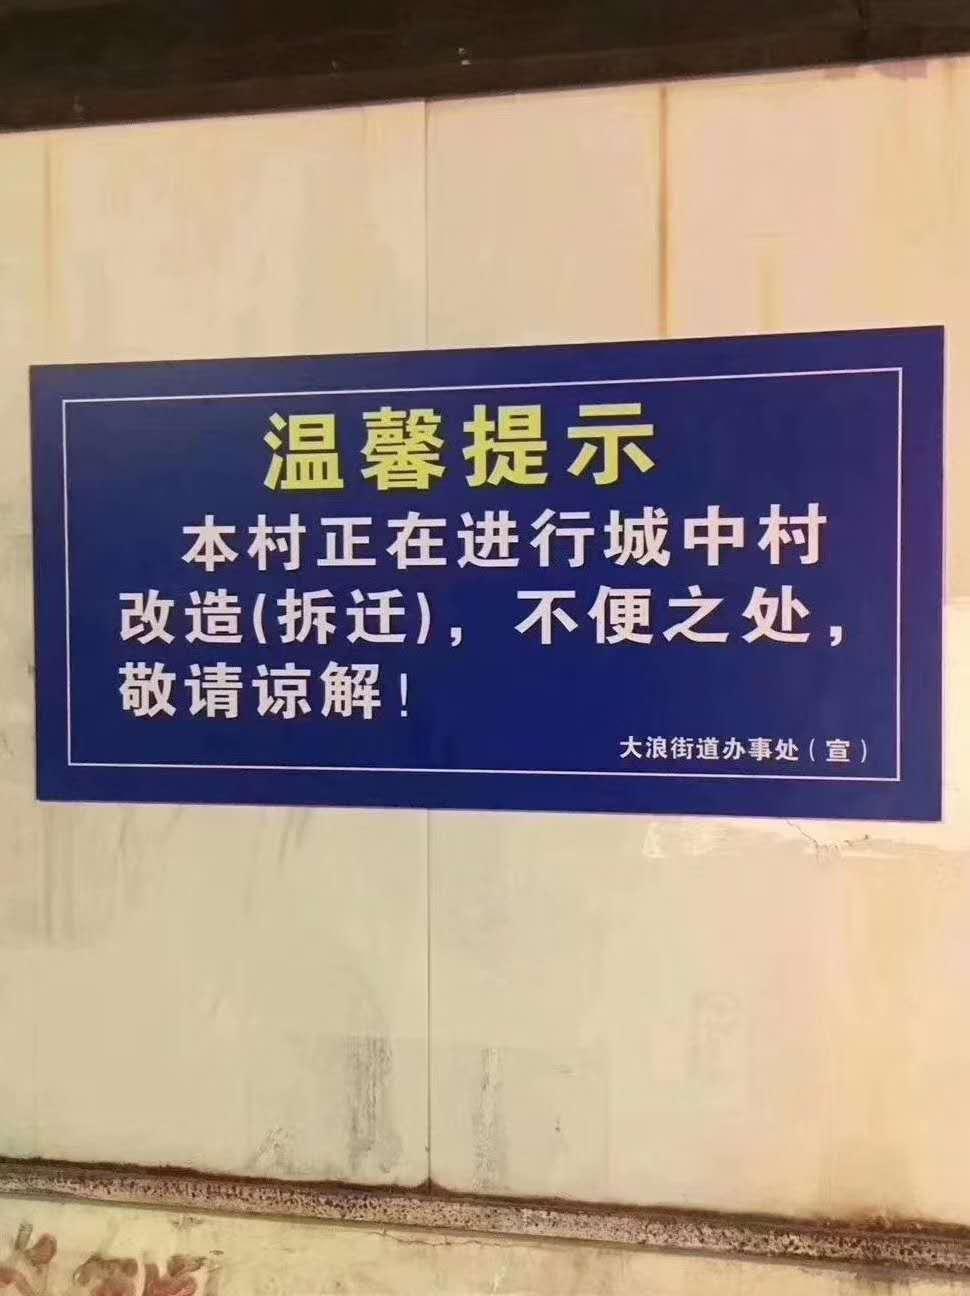 大浪羊台山东地铁口零距离  【畔山领寓】火热上市